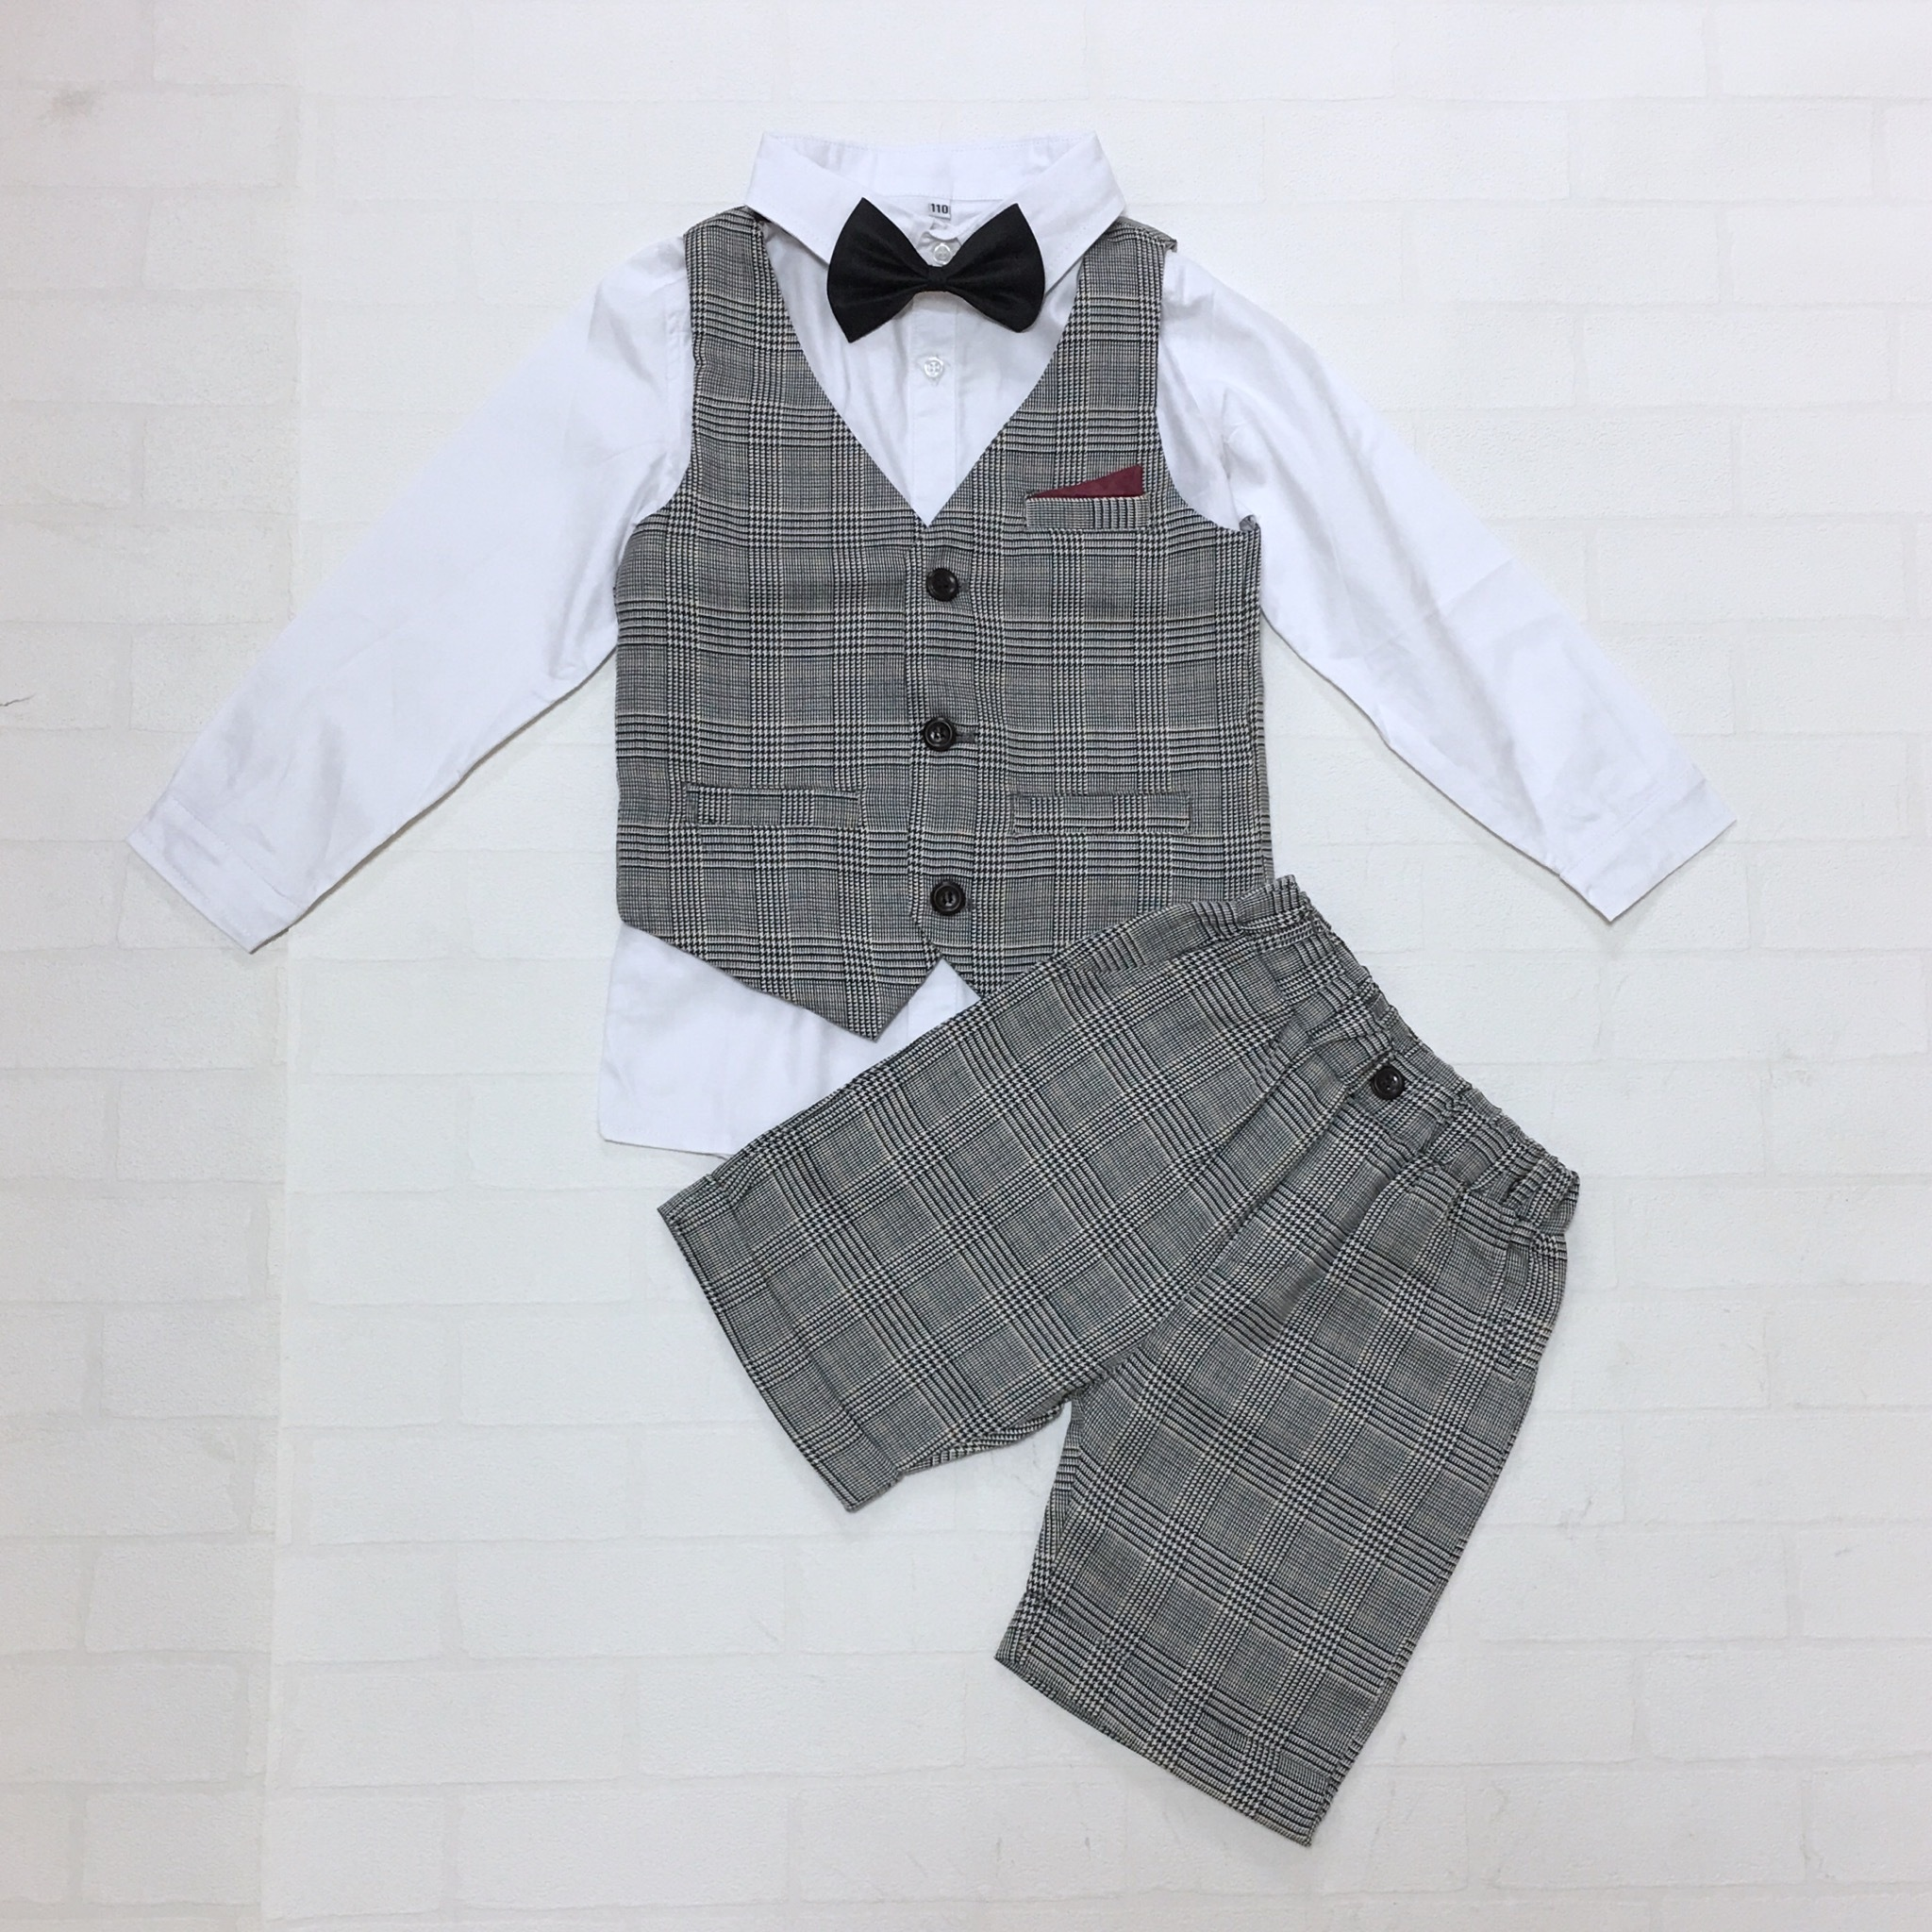 ホワイトシャツ×グレンチェックフォーマルベスト4点セット【173】